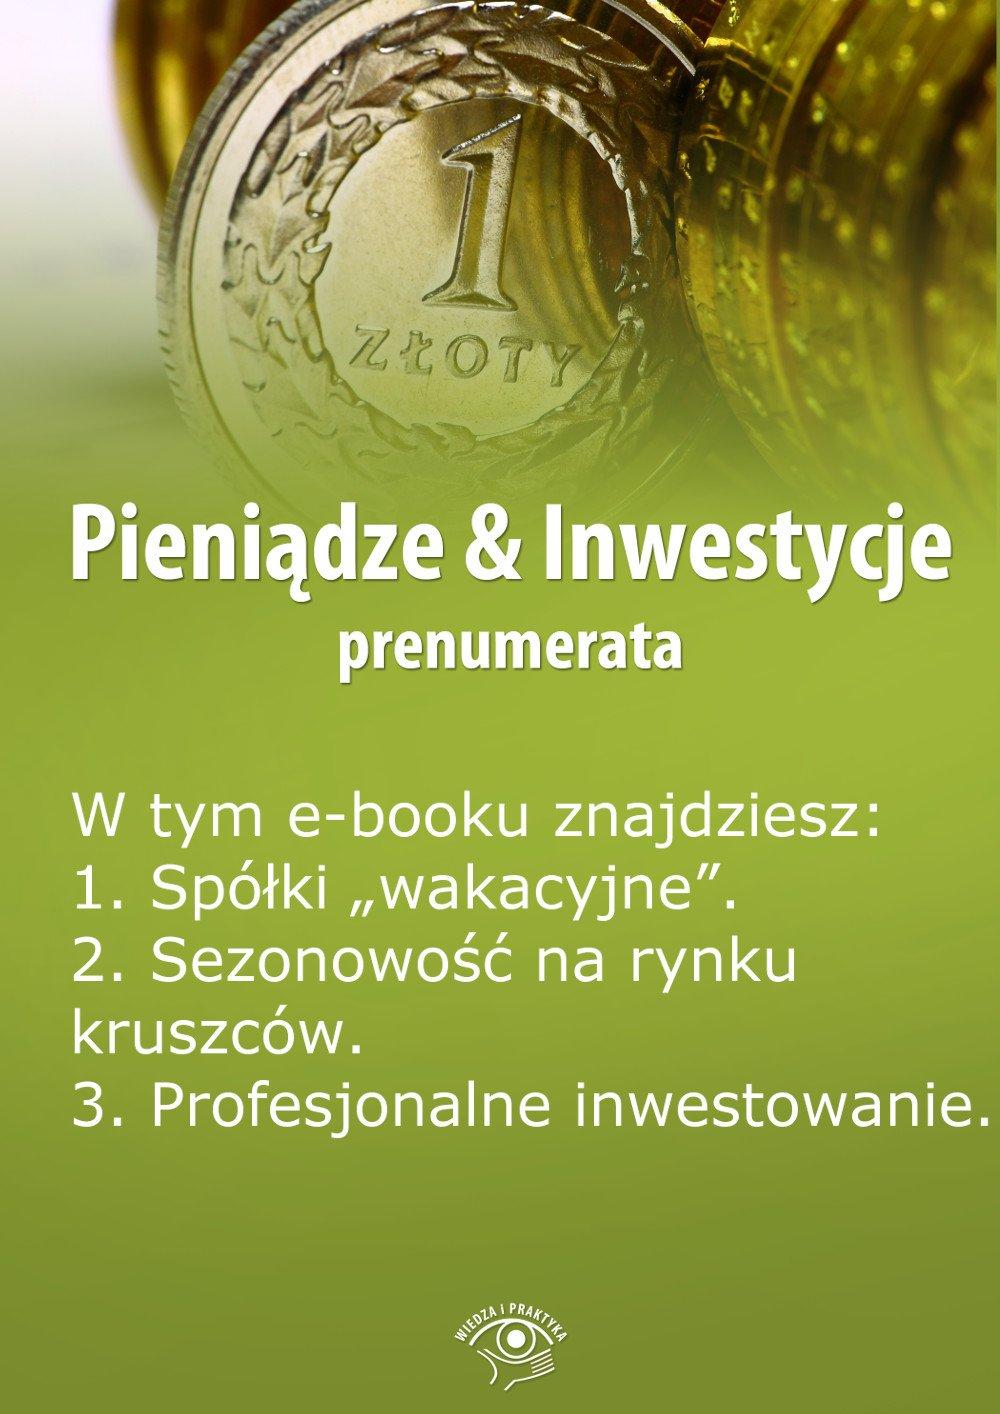 Pieniądze & Inwestycje. Wydanie specjalne czerwiec 2014 r. - Ebook (Książka PDF) do pobrania w formacie PDF